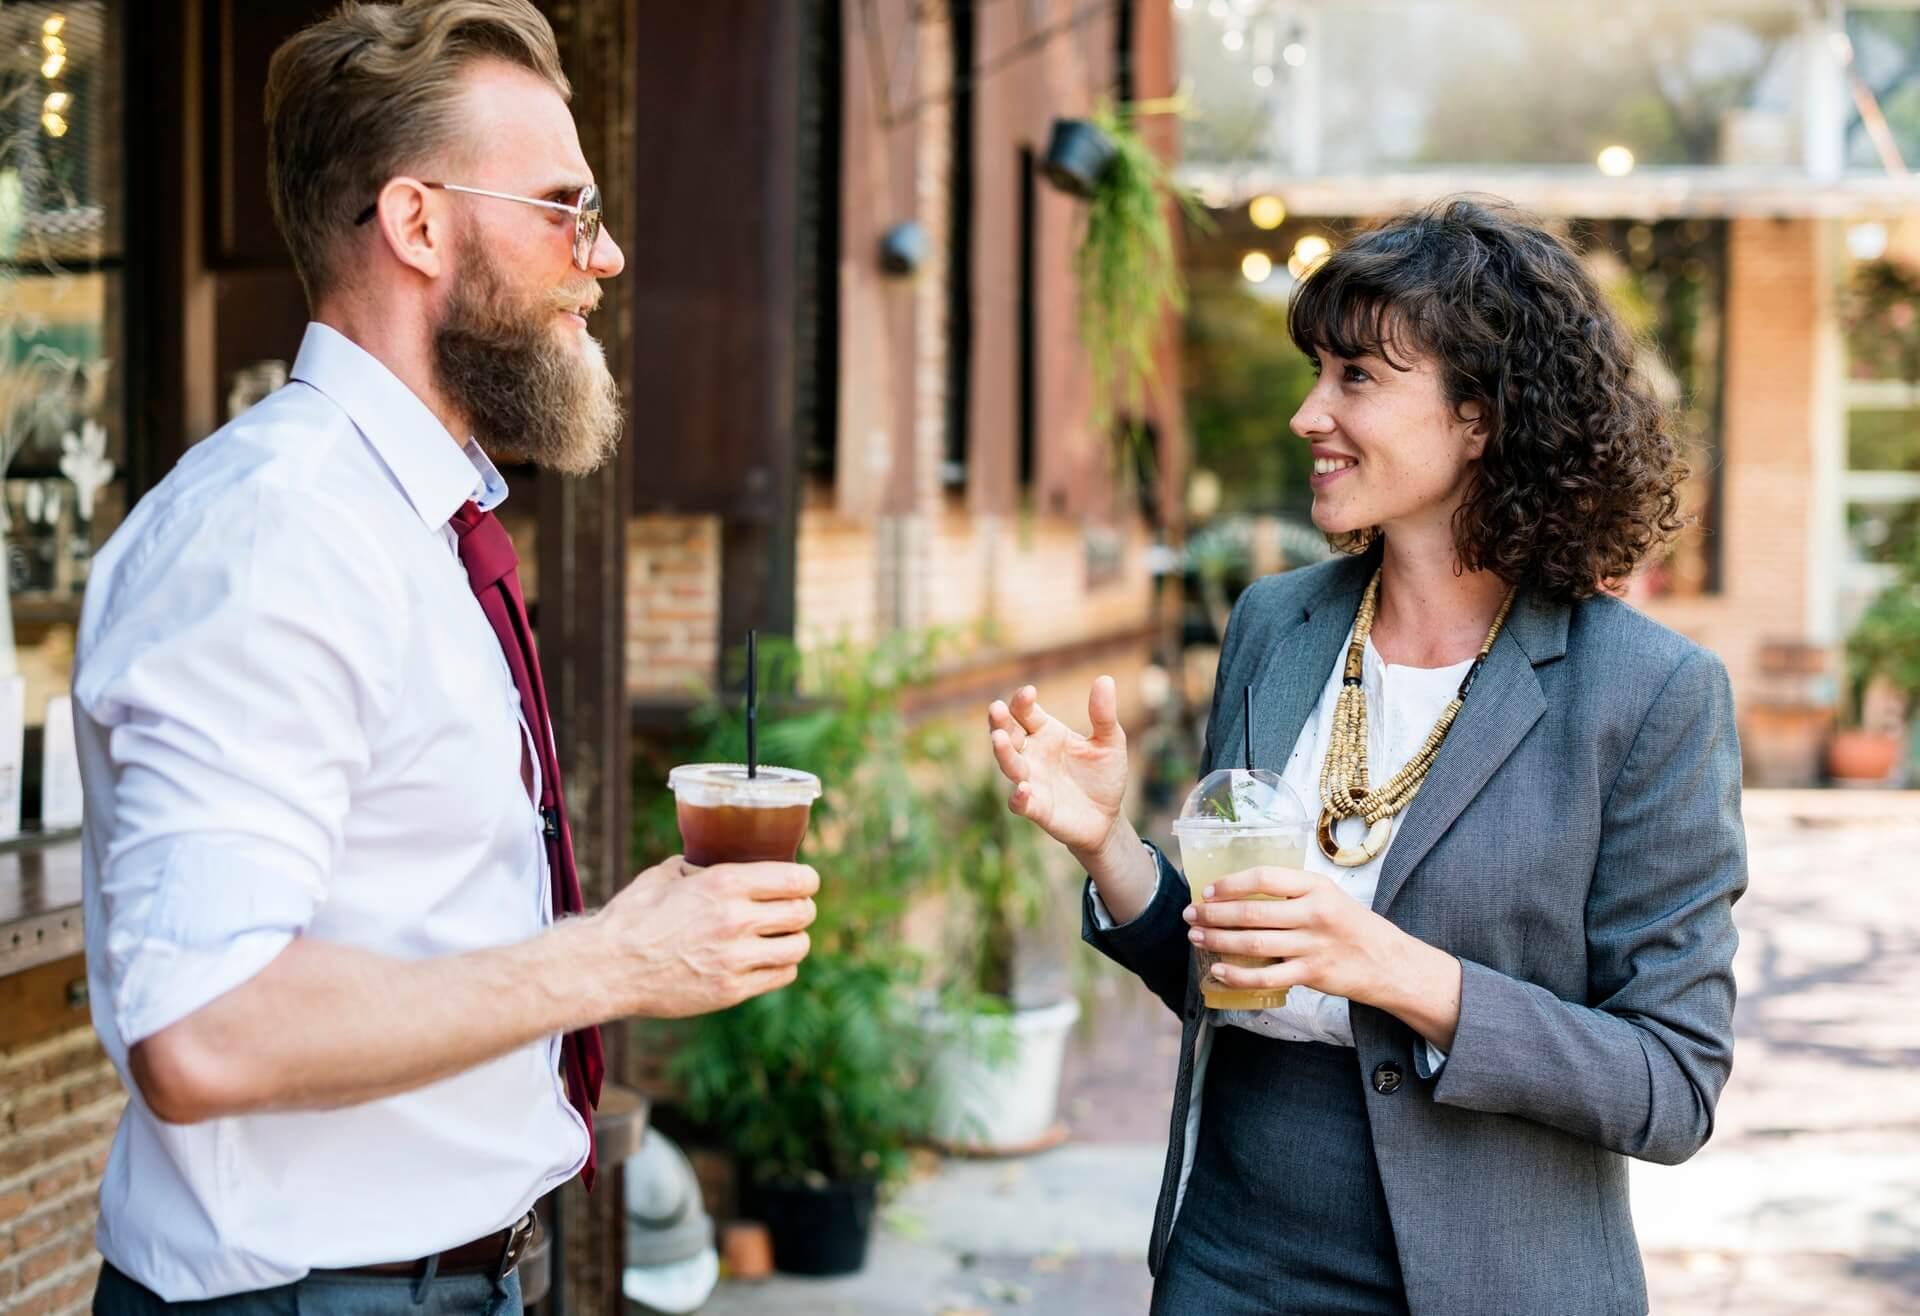 sukses - senang - bahagia - karyawan kantoran - pebisnis (9) - 5 Kiat Diperlukan Manajer Baru Agar Membuat Keputusan Lebih Efektif - 7 Alasan Utama Mengapa Anda Tidak Pantas Menjadi Seorang Manajer